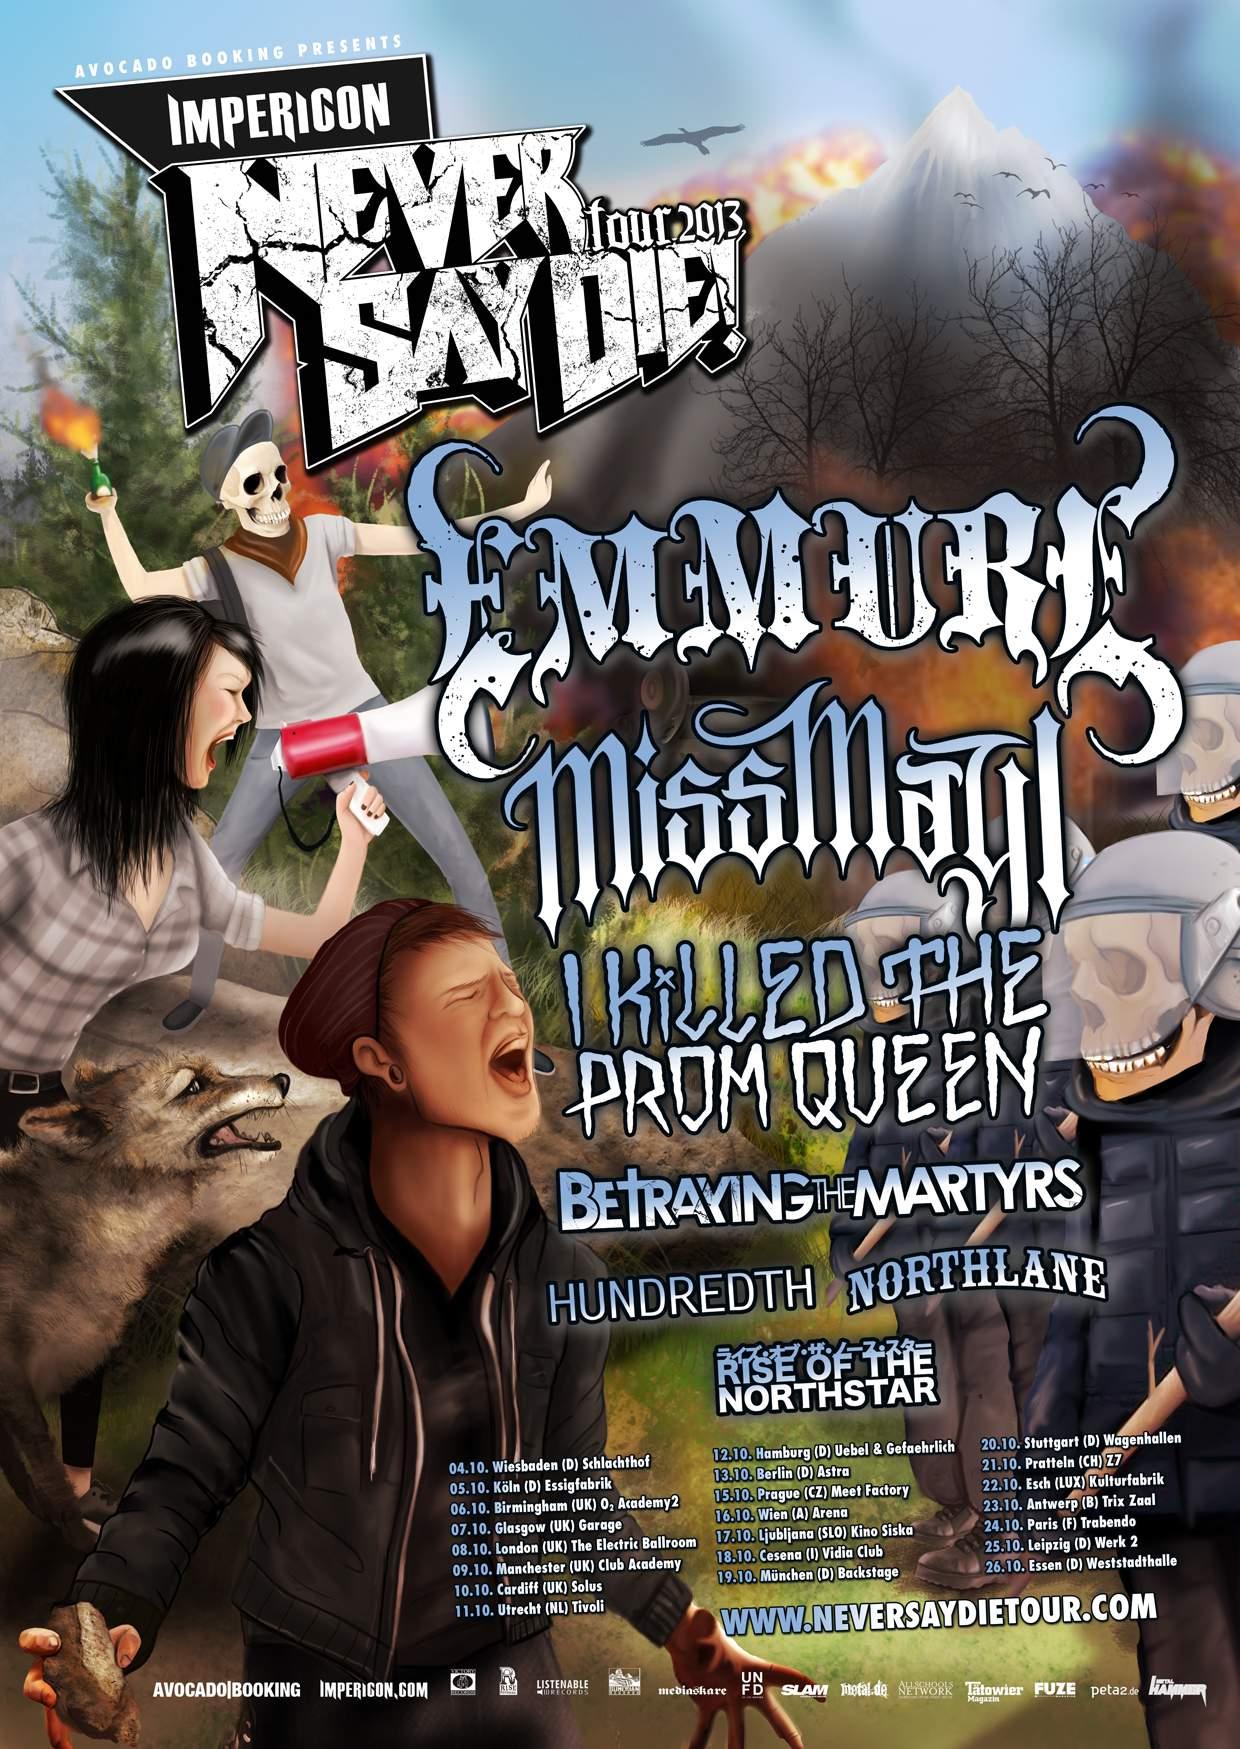 http://www.different-directions.de/news/2013/NSD_Poster_EU.jpg